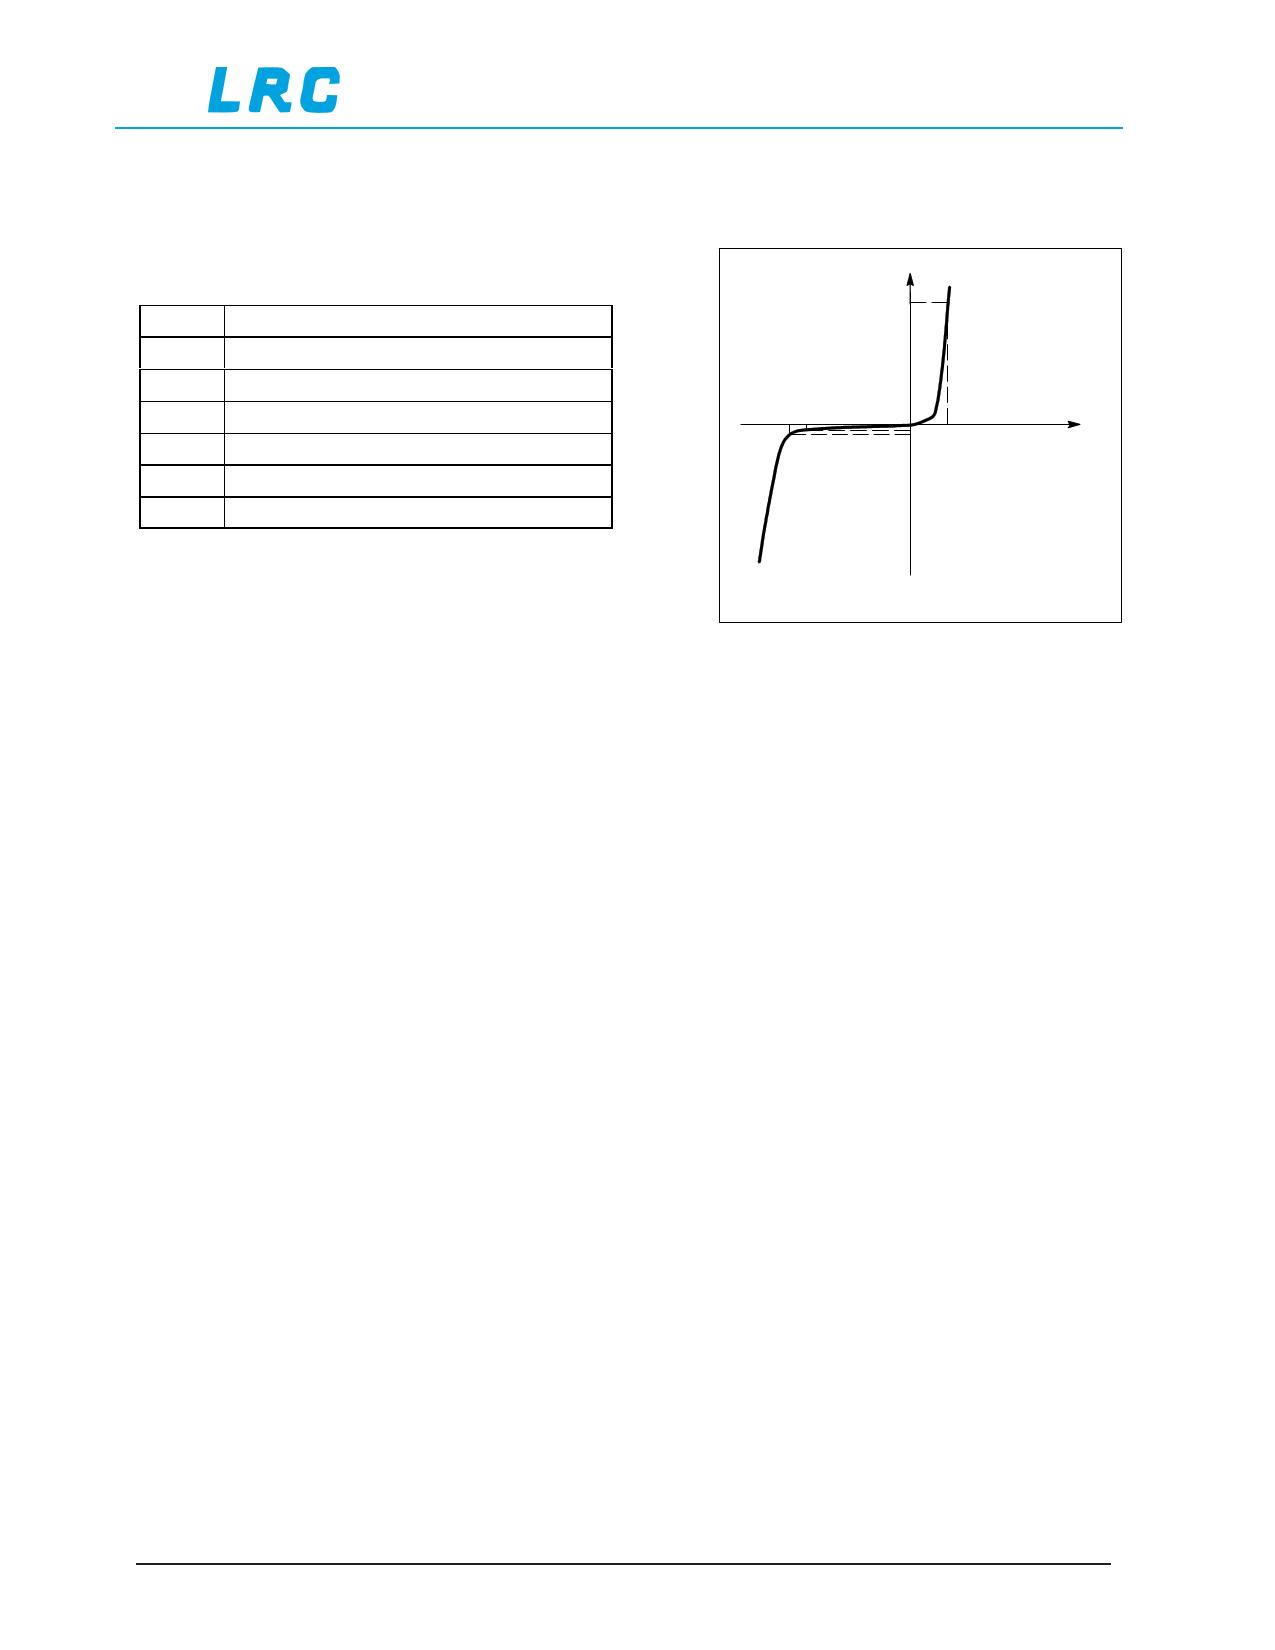 LMSZ4700T1G pdf, schematic